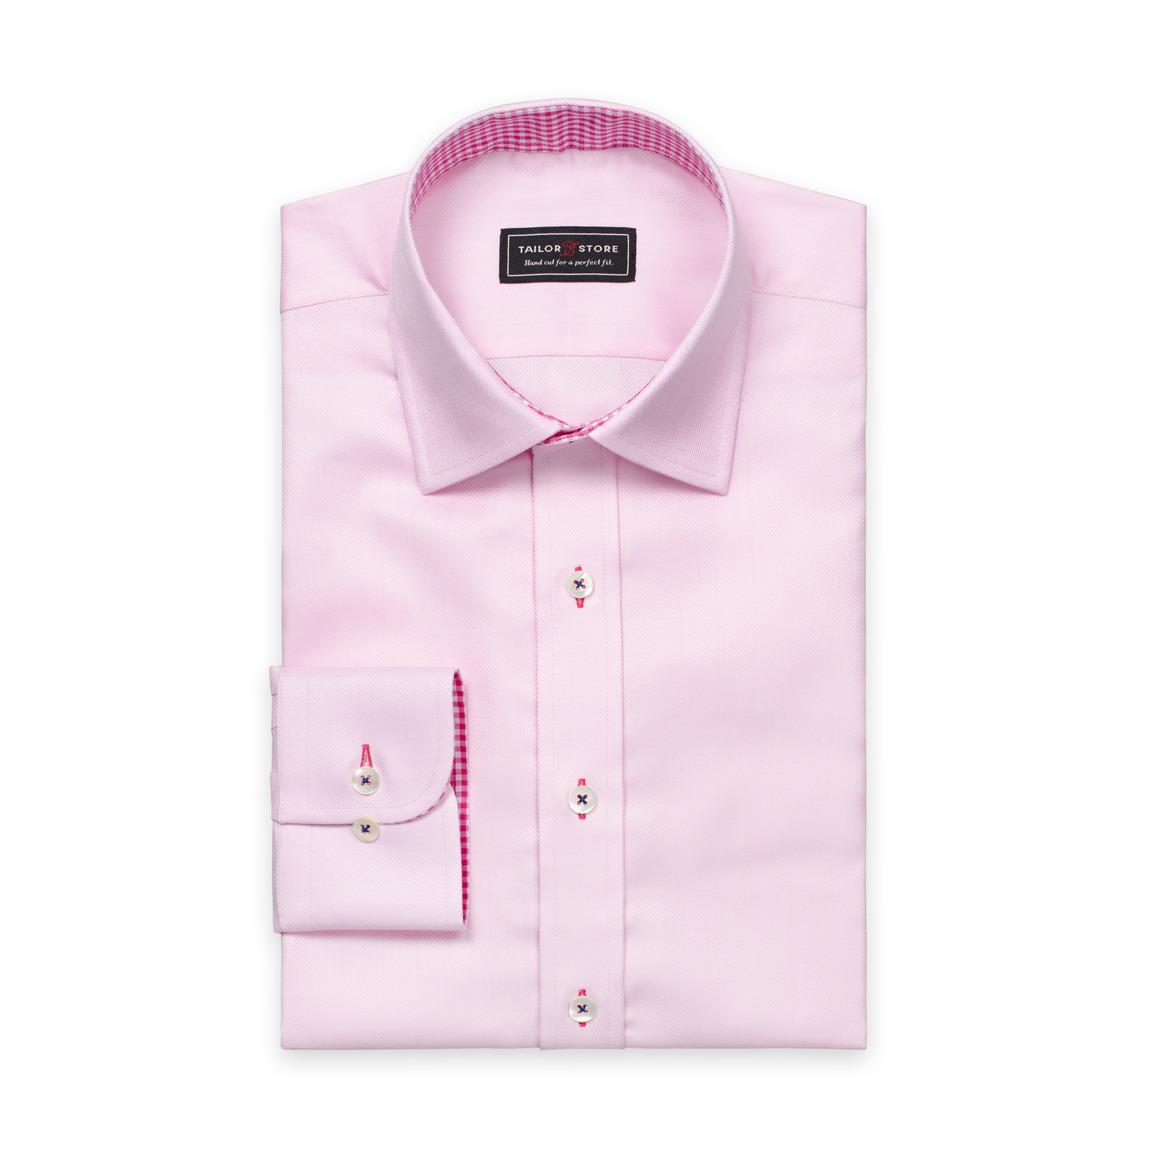 Light pink cotton shirt